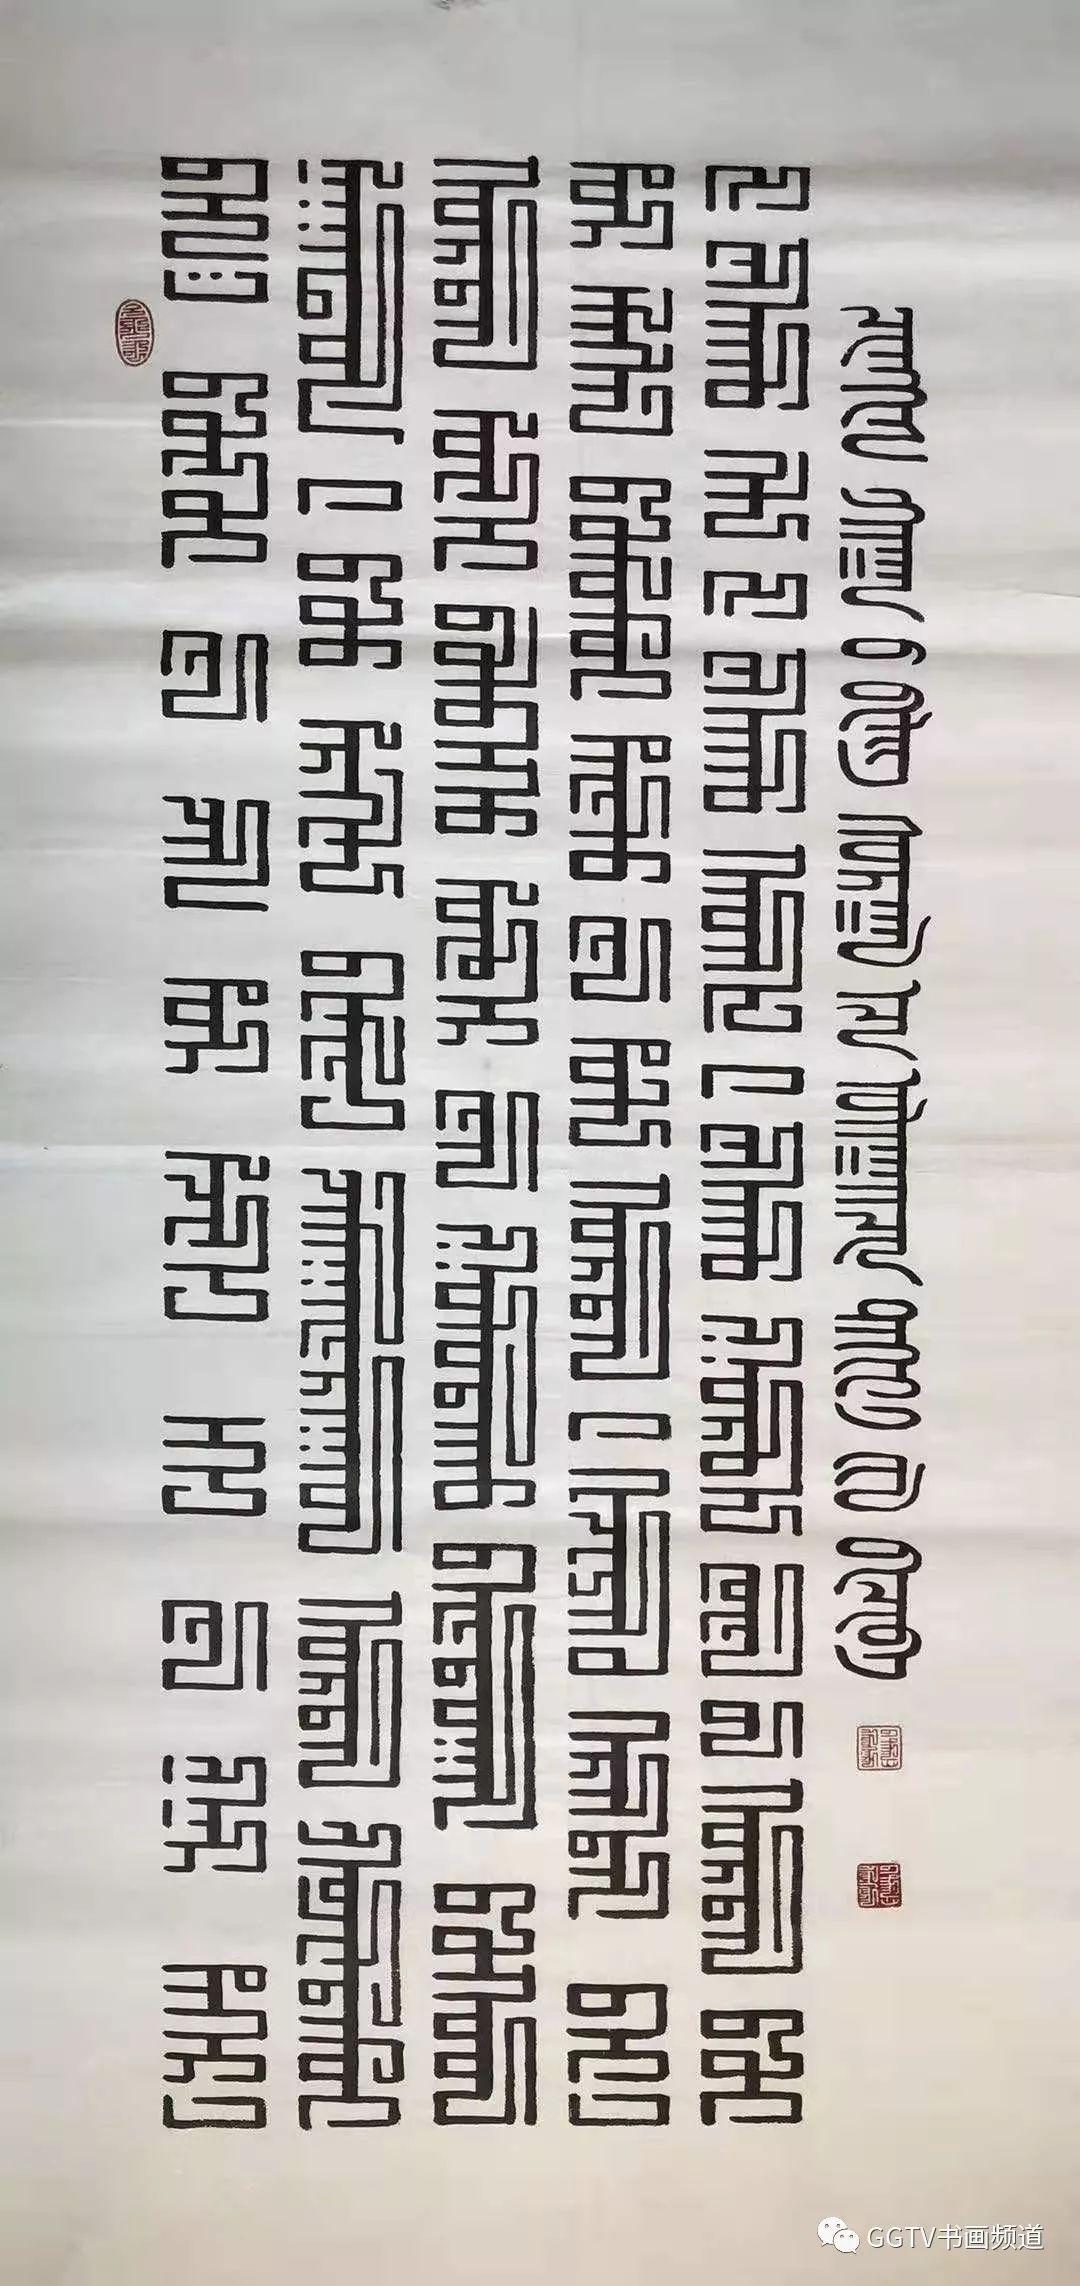 庆祝建国70周年全国优秀艺术家  —— 鲍好斯那拉作品展 第24张 庆祝建国70周年全国优秀艺术家   ——  鲍好斯那拉作品展 蒙古书法